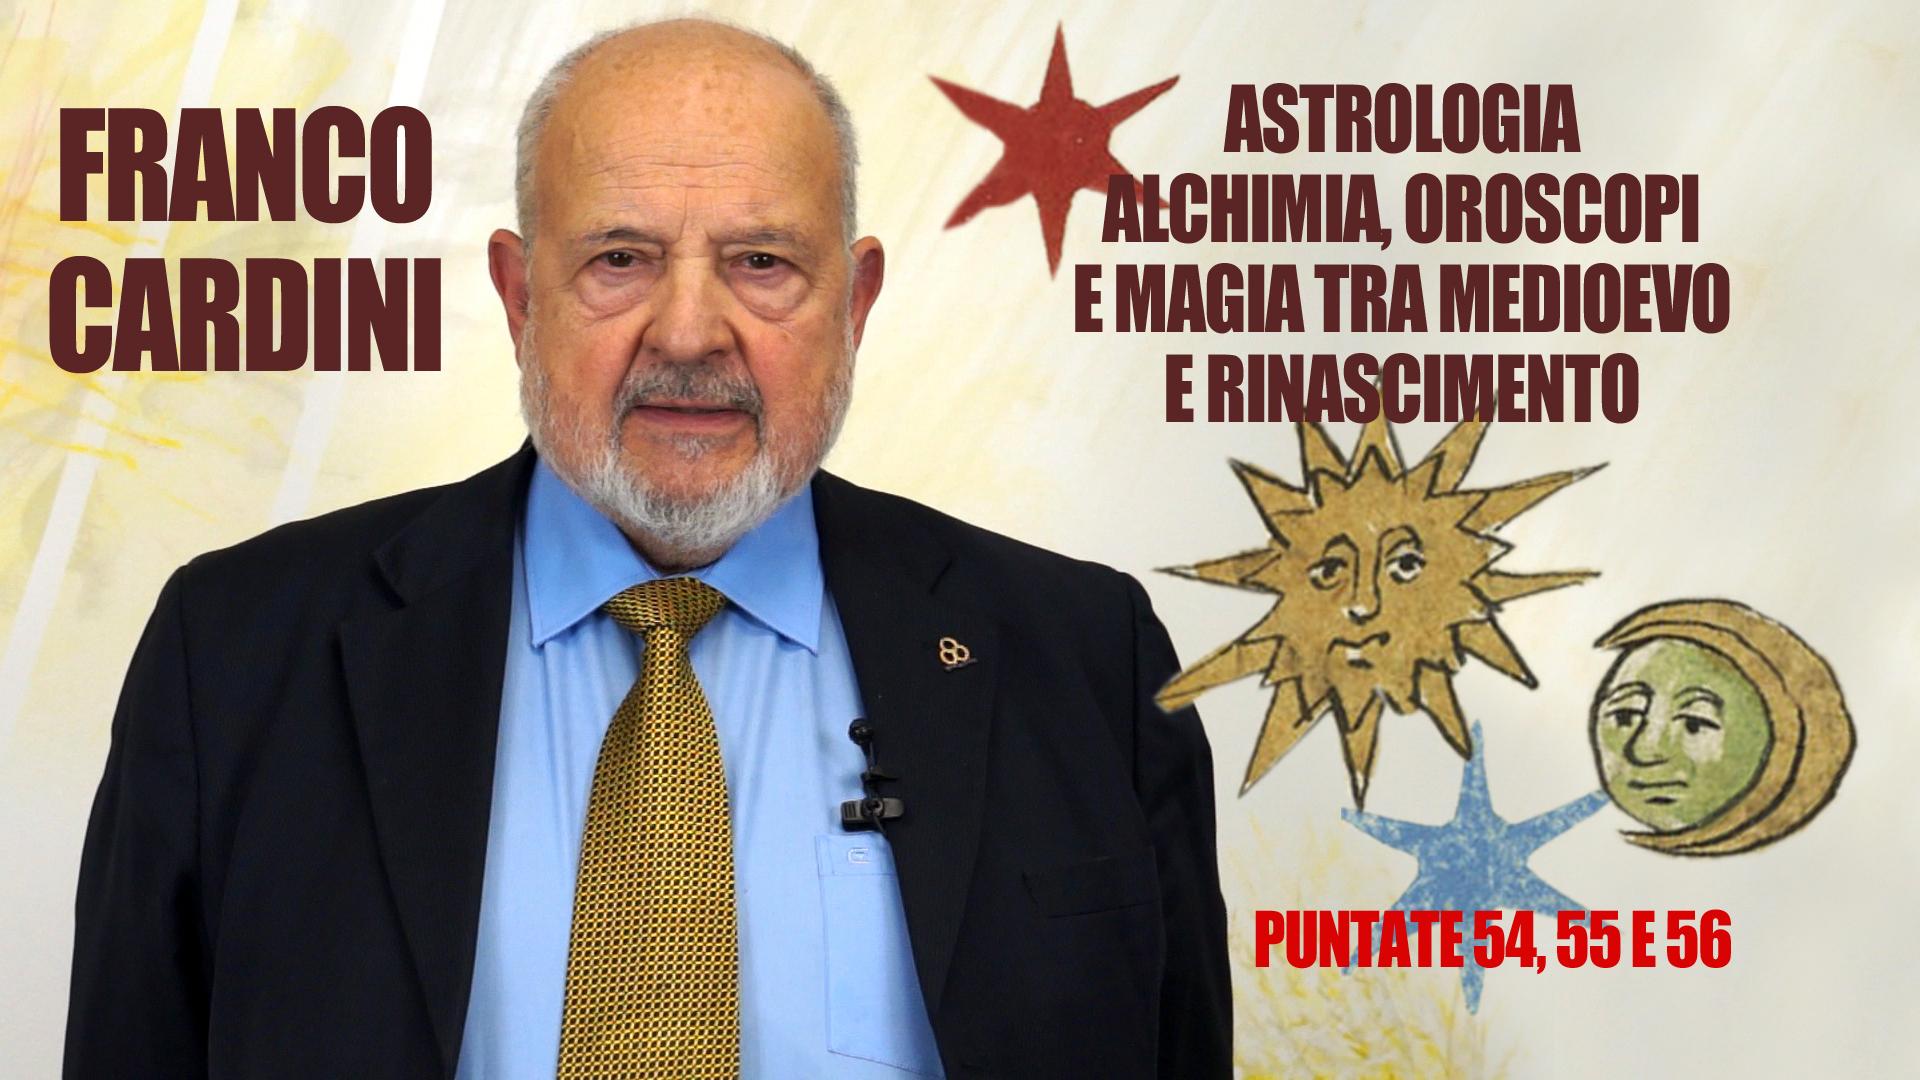 Cinquantaquattresima puntata. Franco Cardini, l'astrologia tra Medioevo e Rinascimento